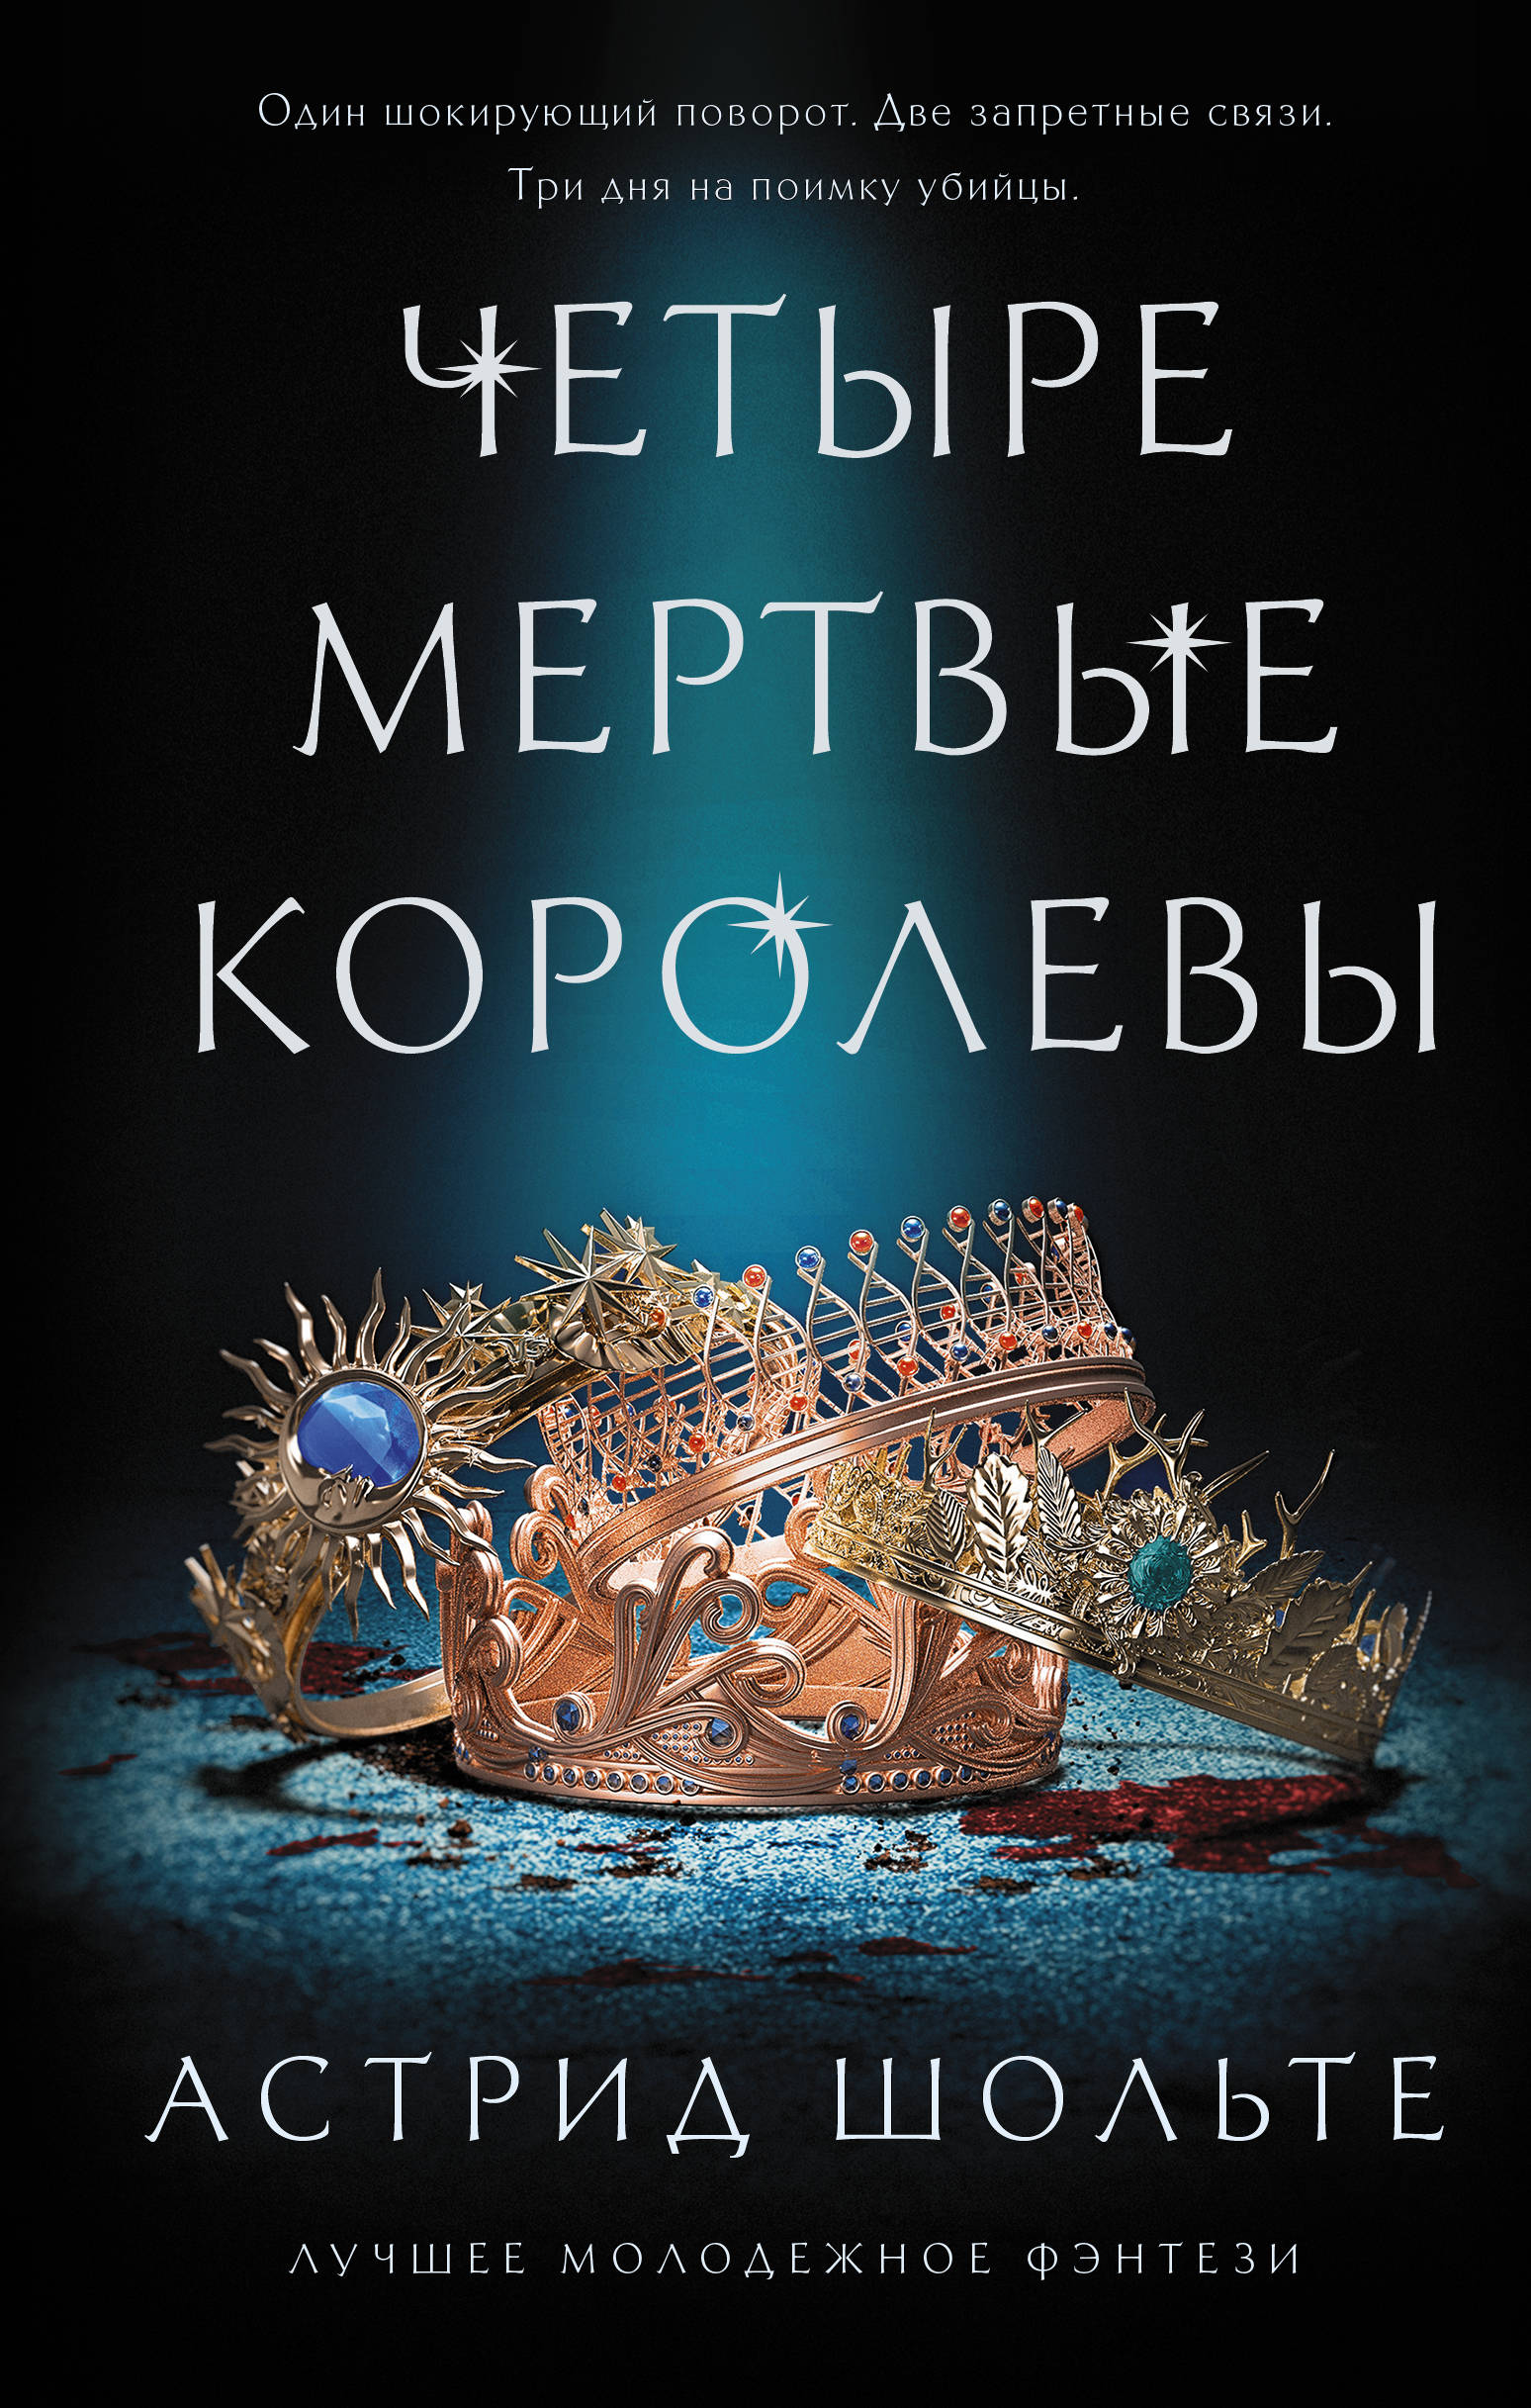 Шольте Астрид Четыре мертвые королевы